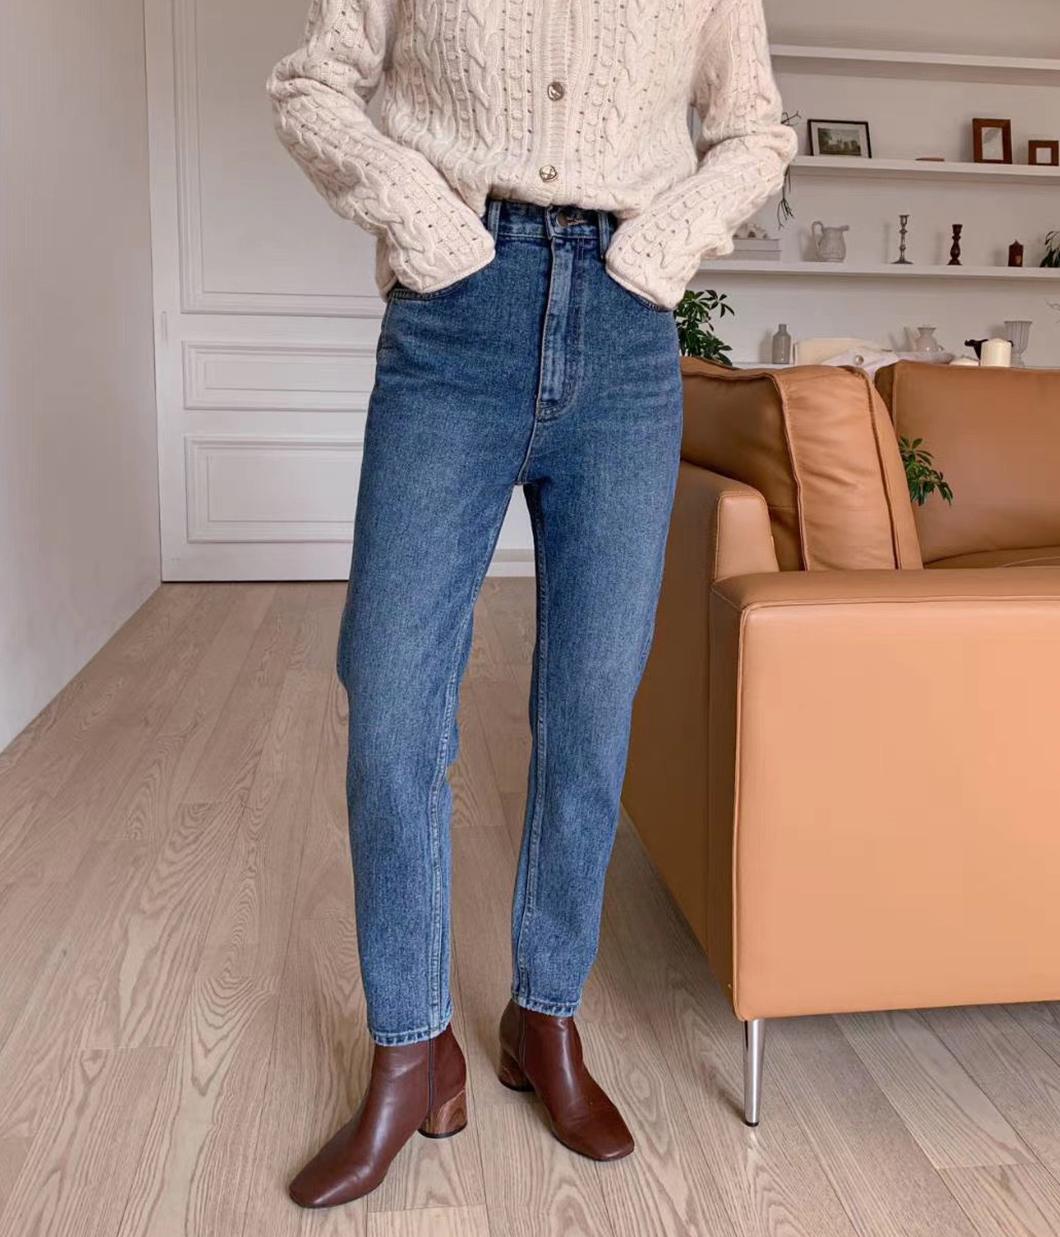 率性刷色顯瘦牛仔褲